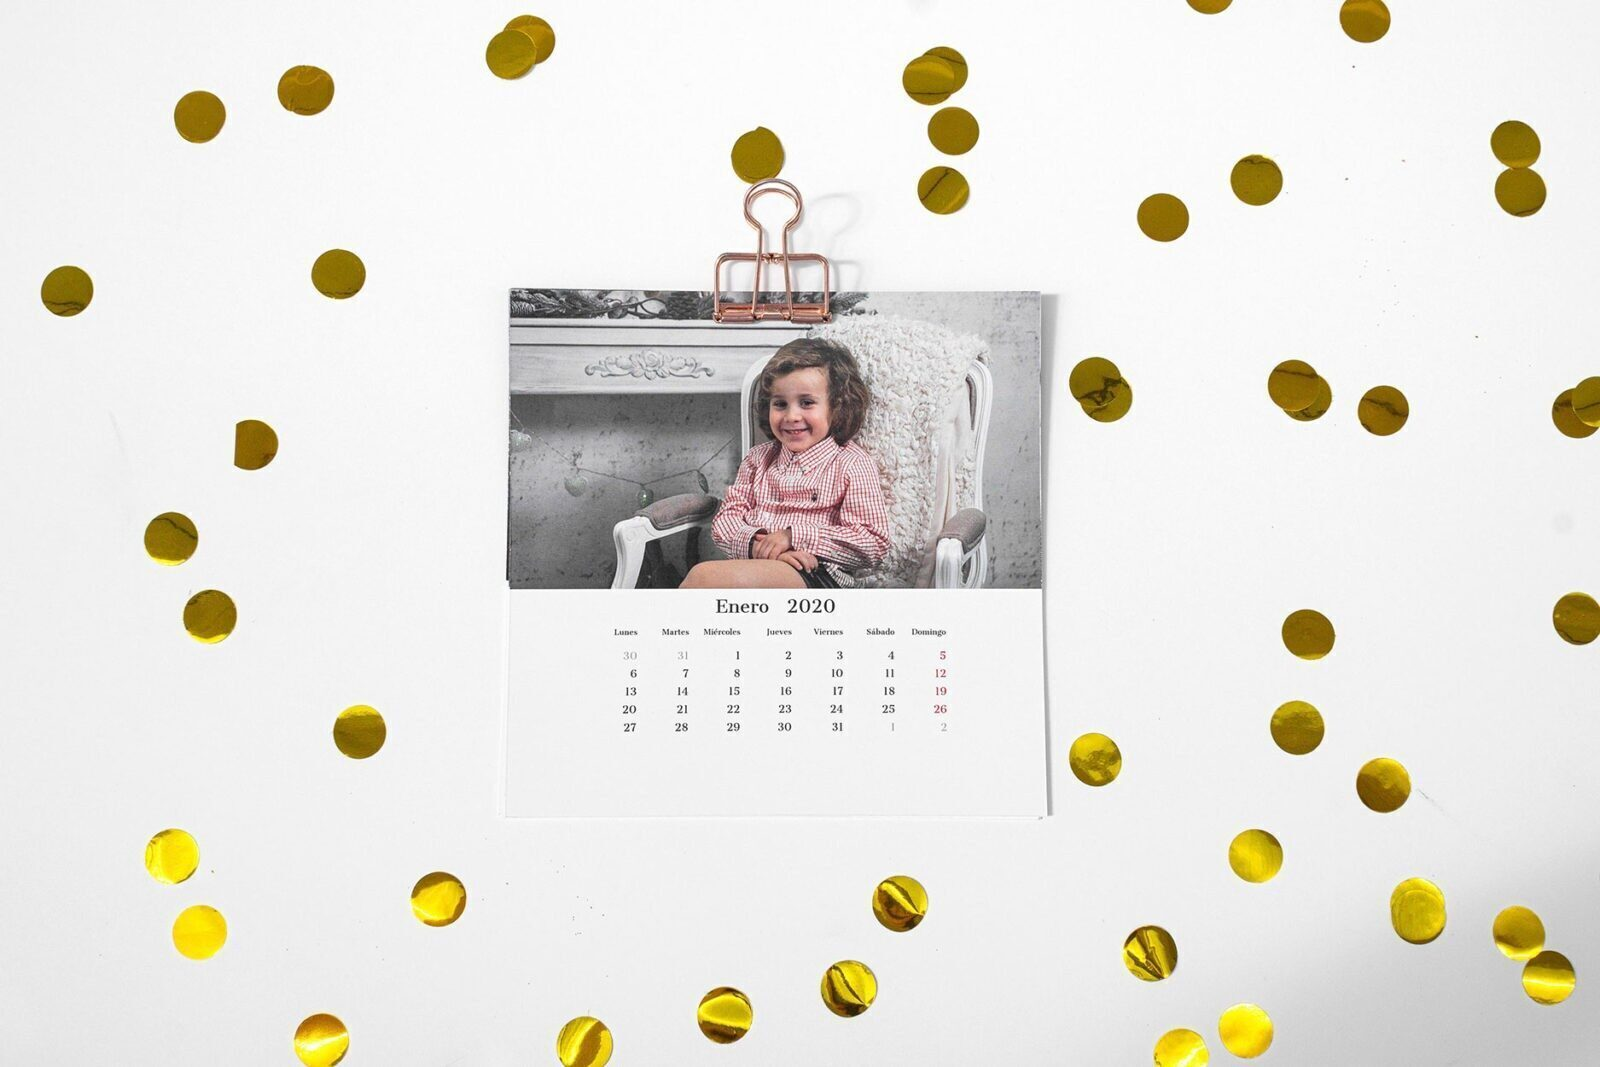 Calendario Pinza